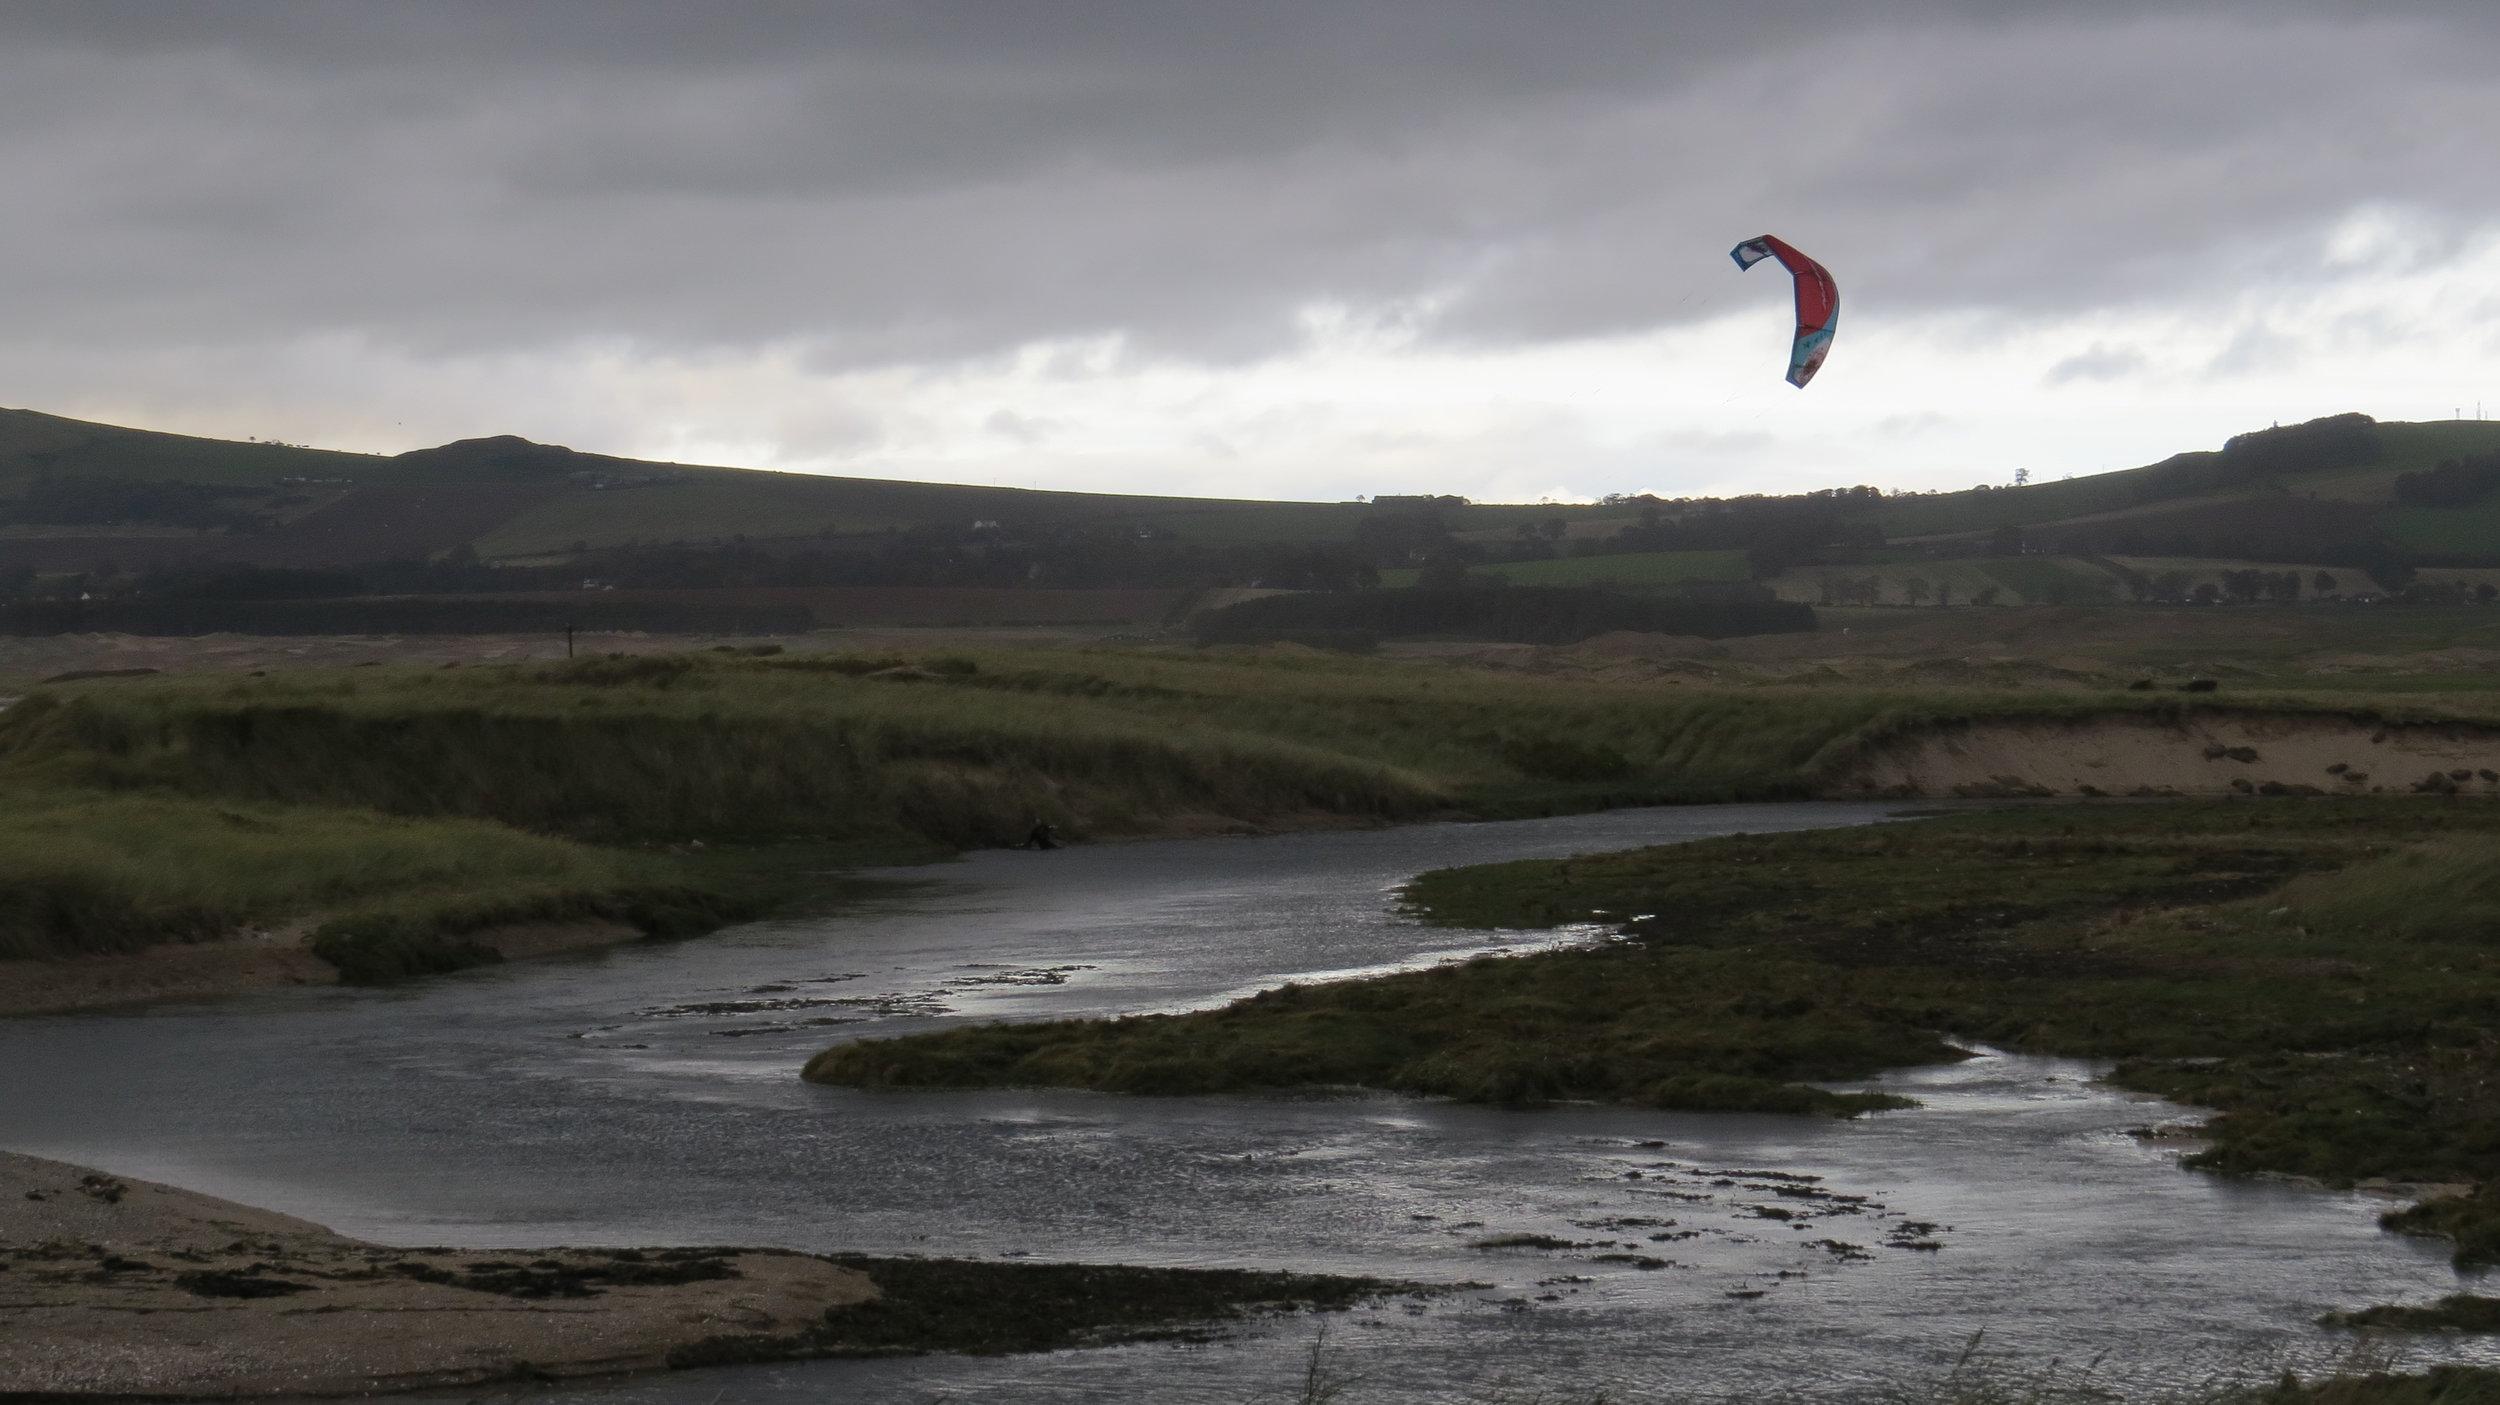 Kitesurfer in River